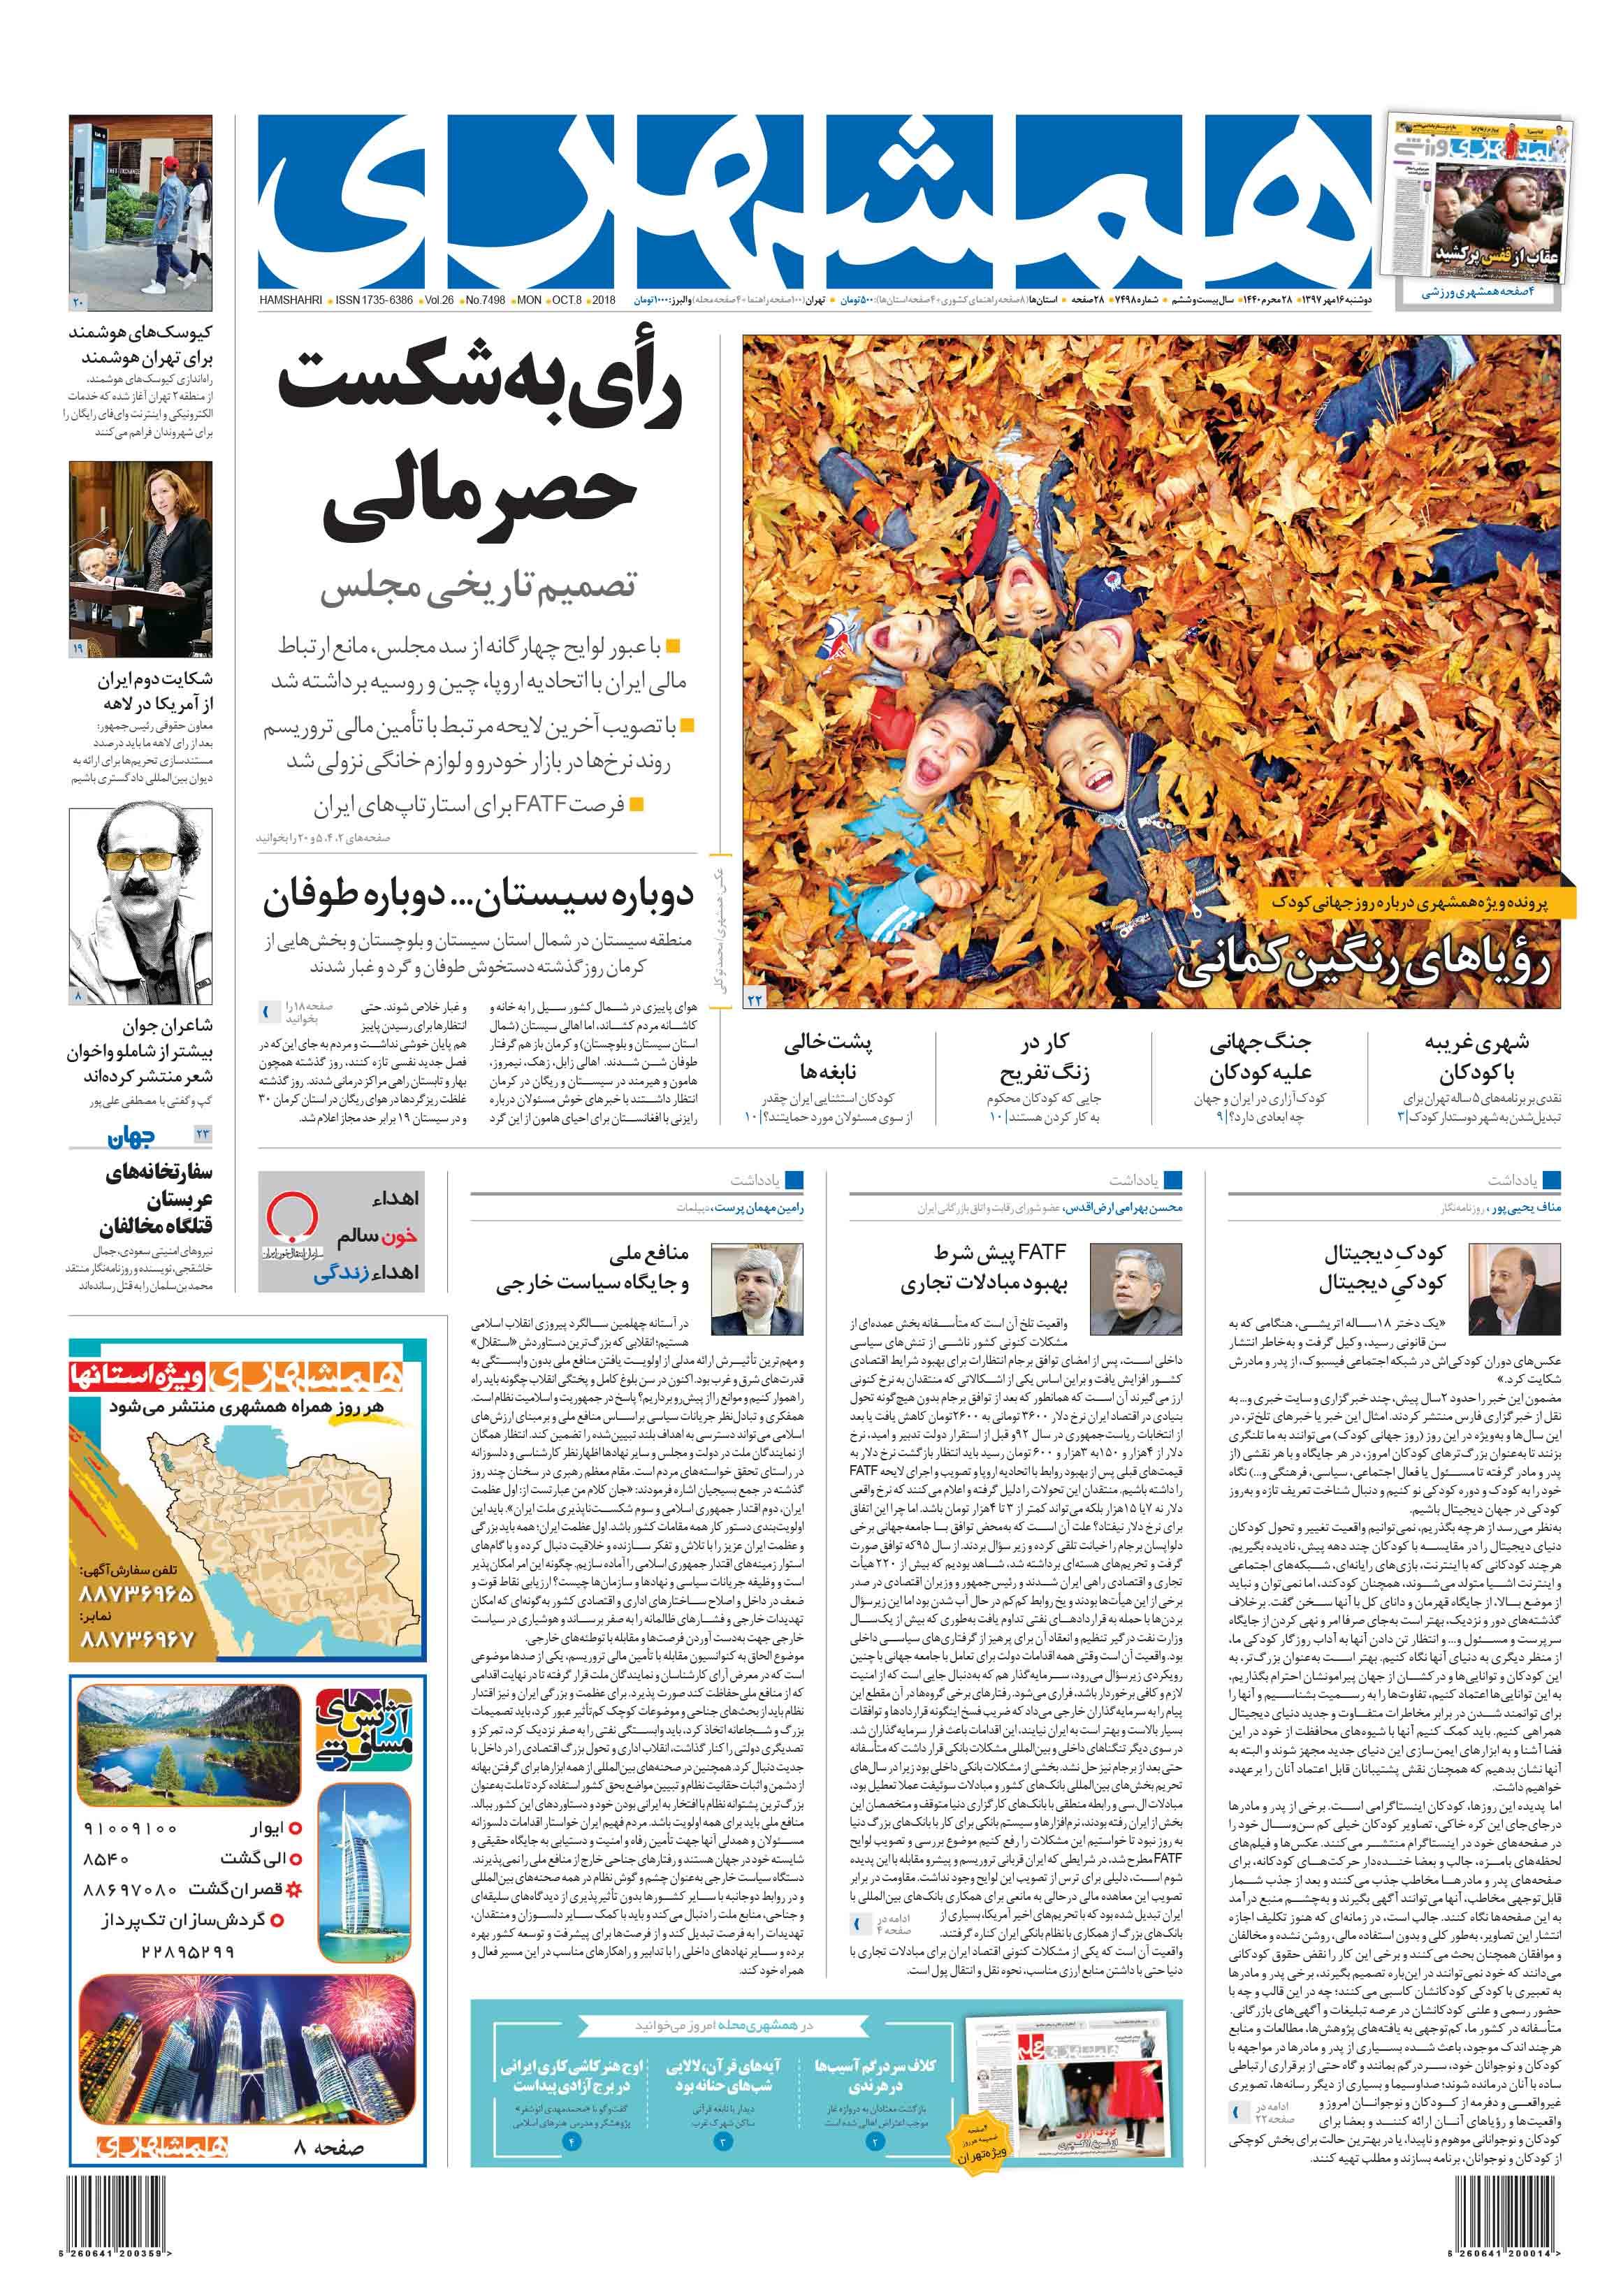 صفحه اول دوشنبه 16 مهر 1397